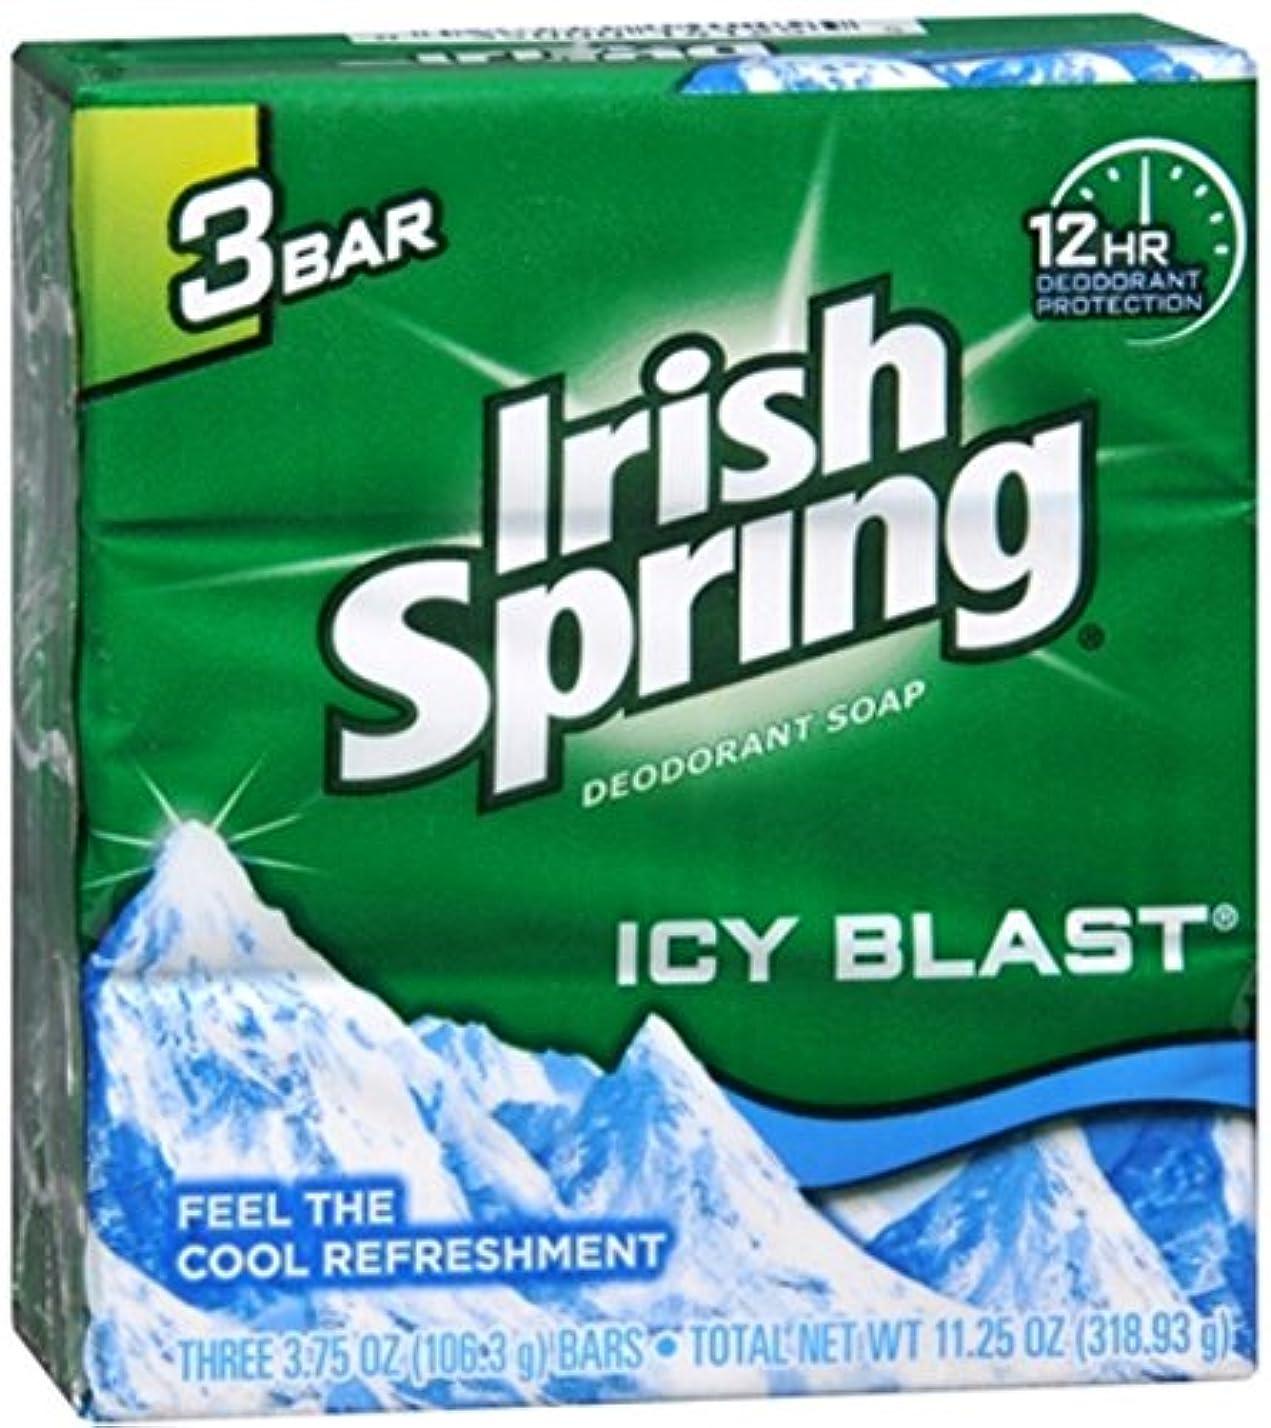 死にかけている不完全な雲【Irish Spring】アイリッシュスプリング?デオドラント石鹸113g×3個パック 【アイシーブラスト】